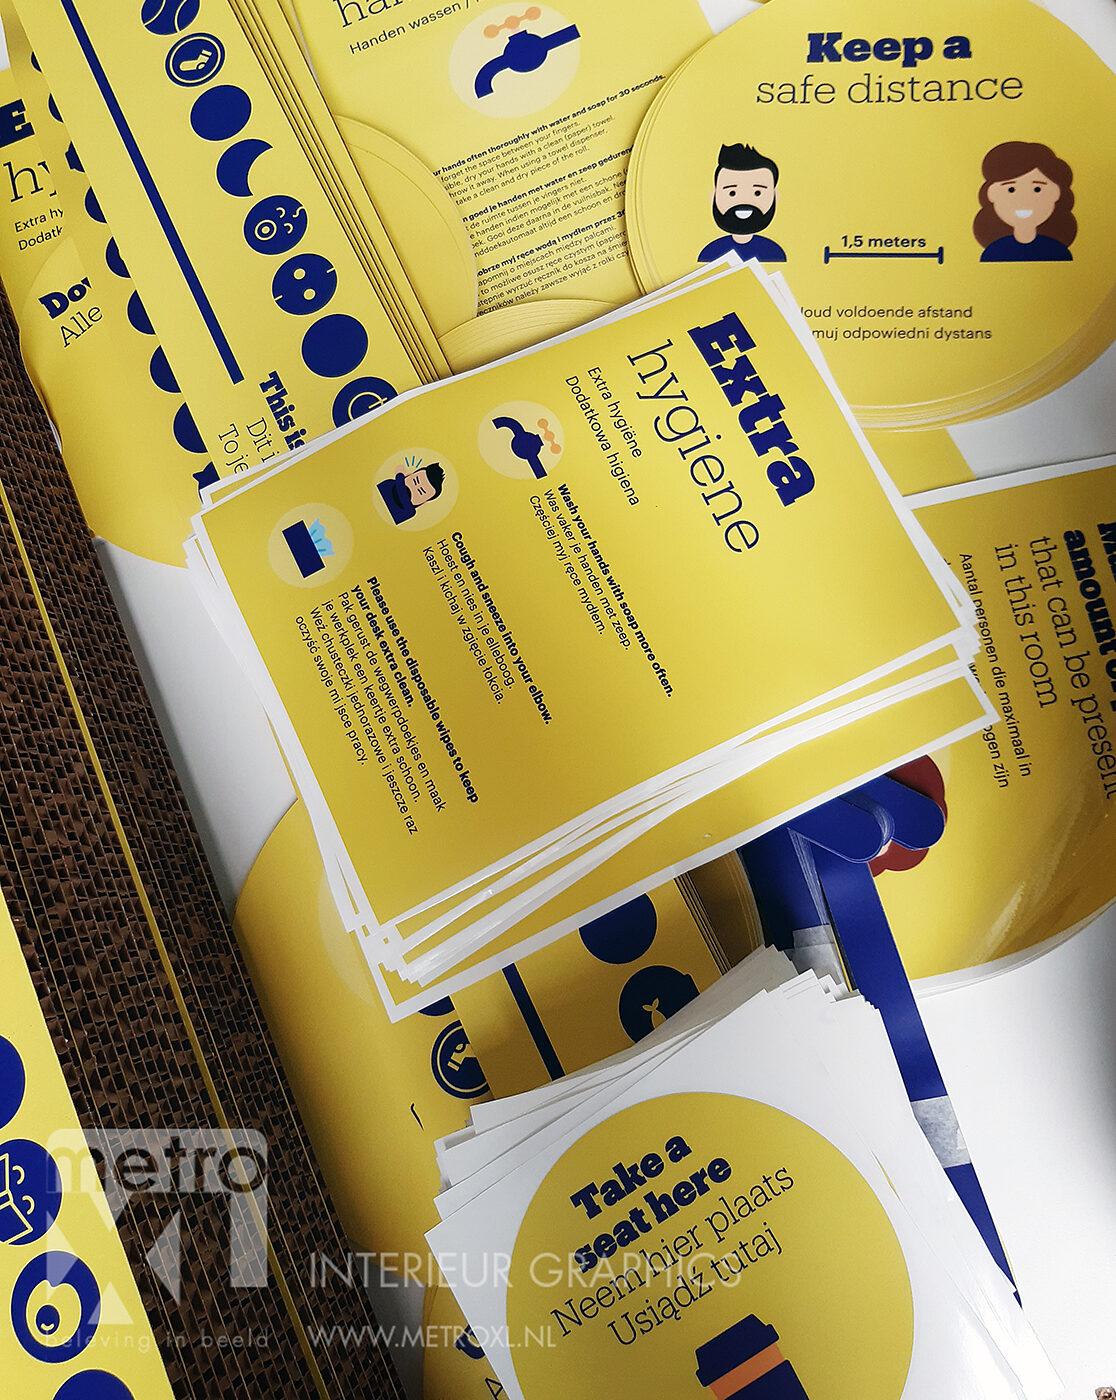 bol.com covi-19 corona stickers